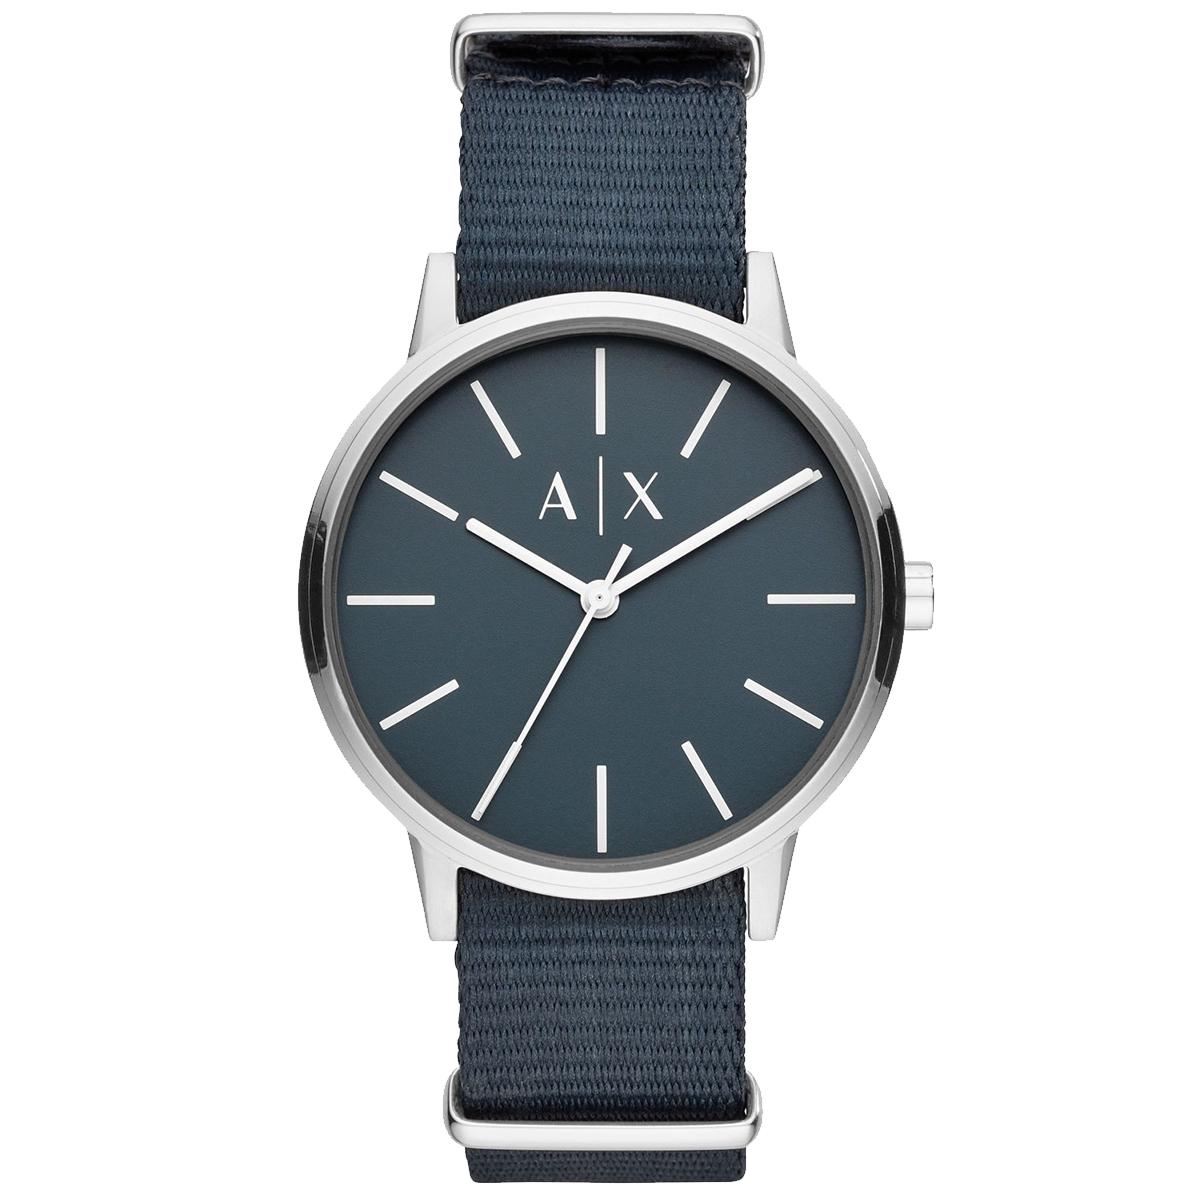 【全品送料無料】 Armani Exchange アルマーニエクスチェンジ ax2712 メンズ 時計 腕時計 プレゼント おしゃれ[あす楽]